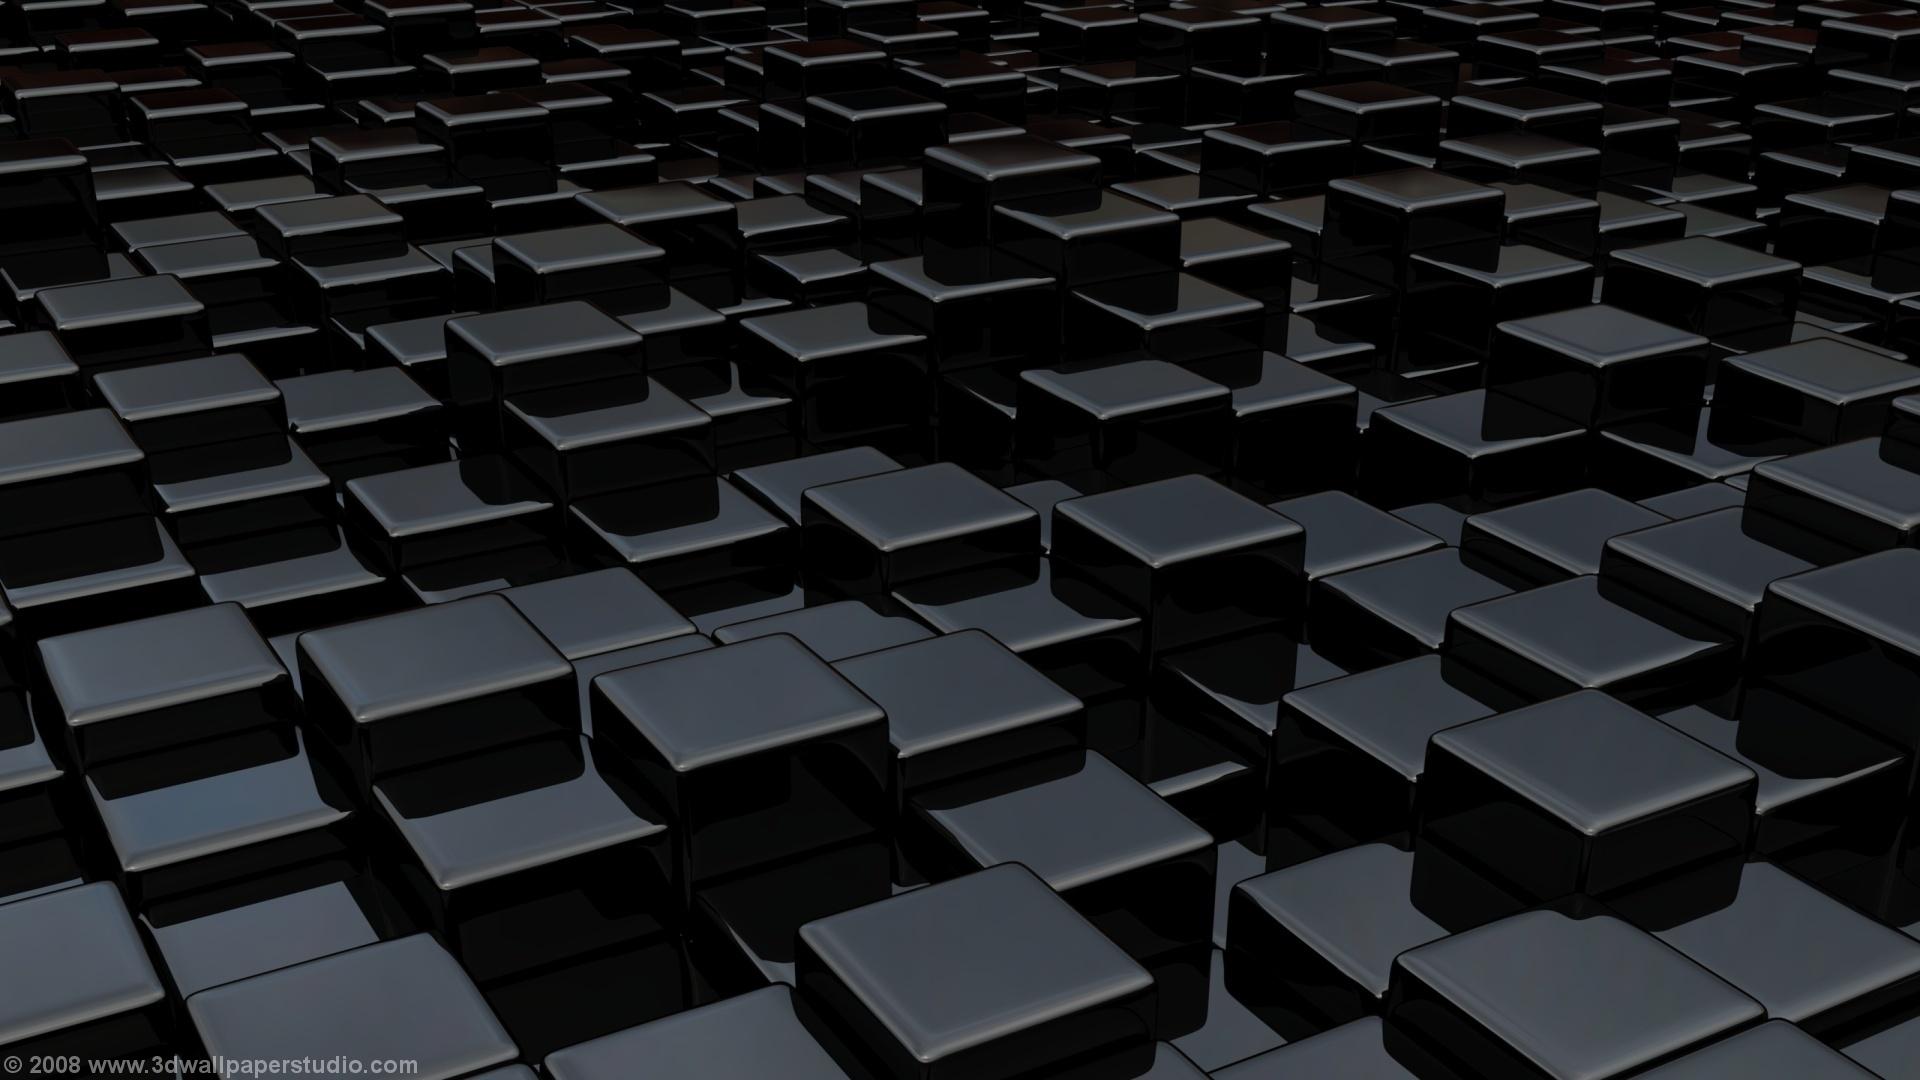 Cubes wallpaper 144754 1920x1080